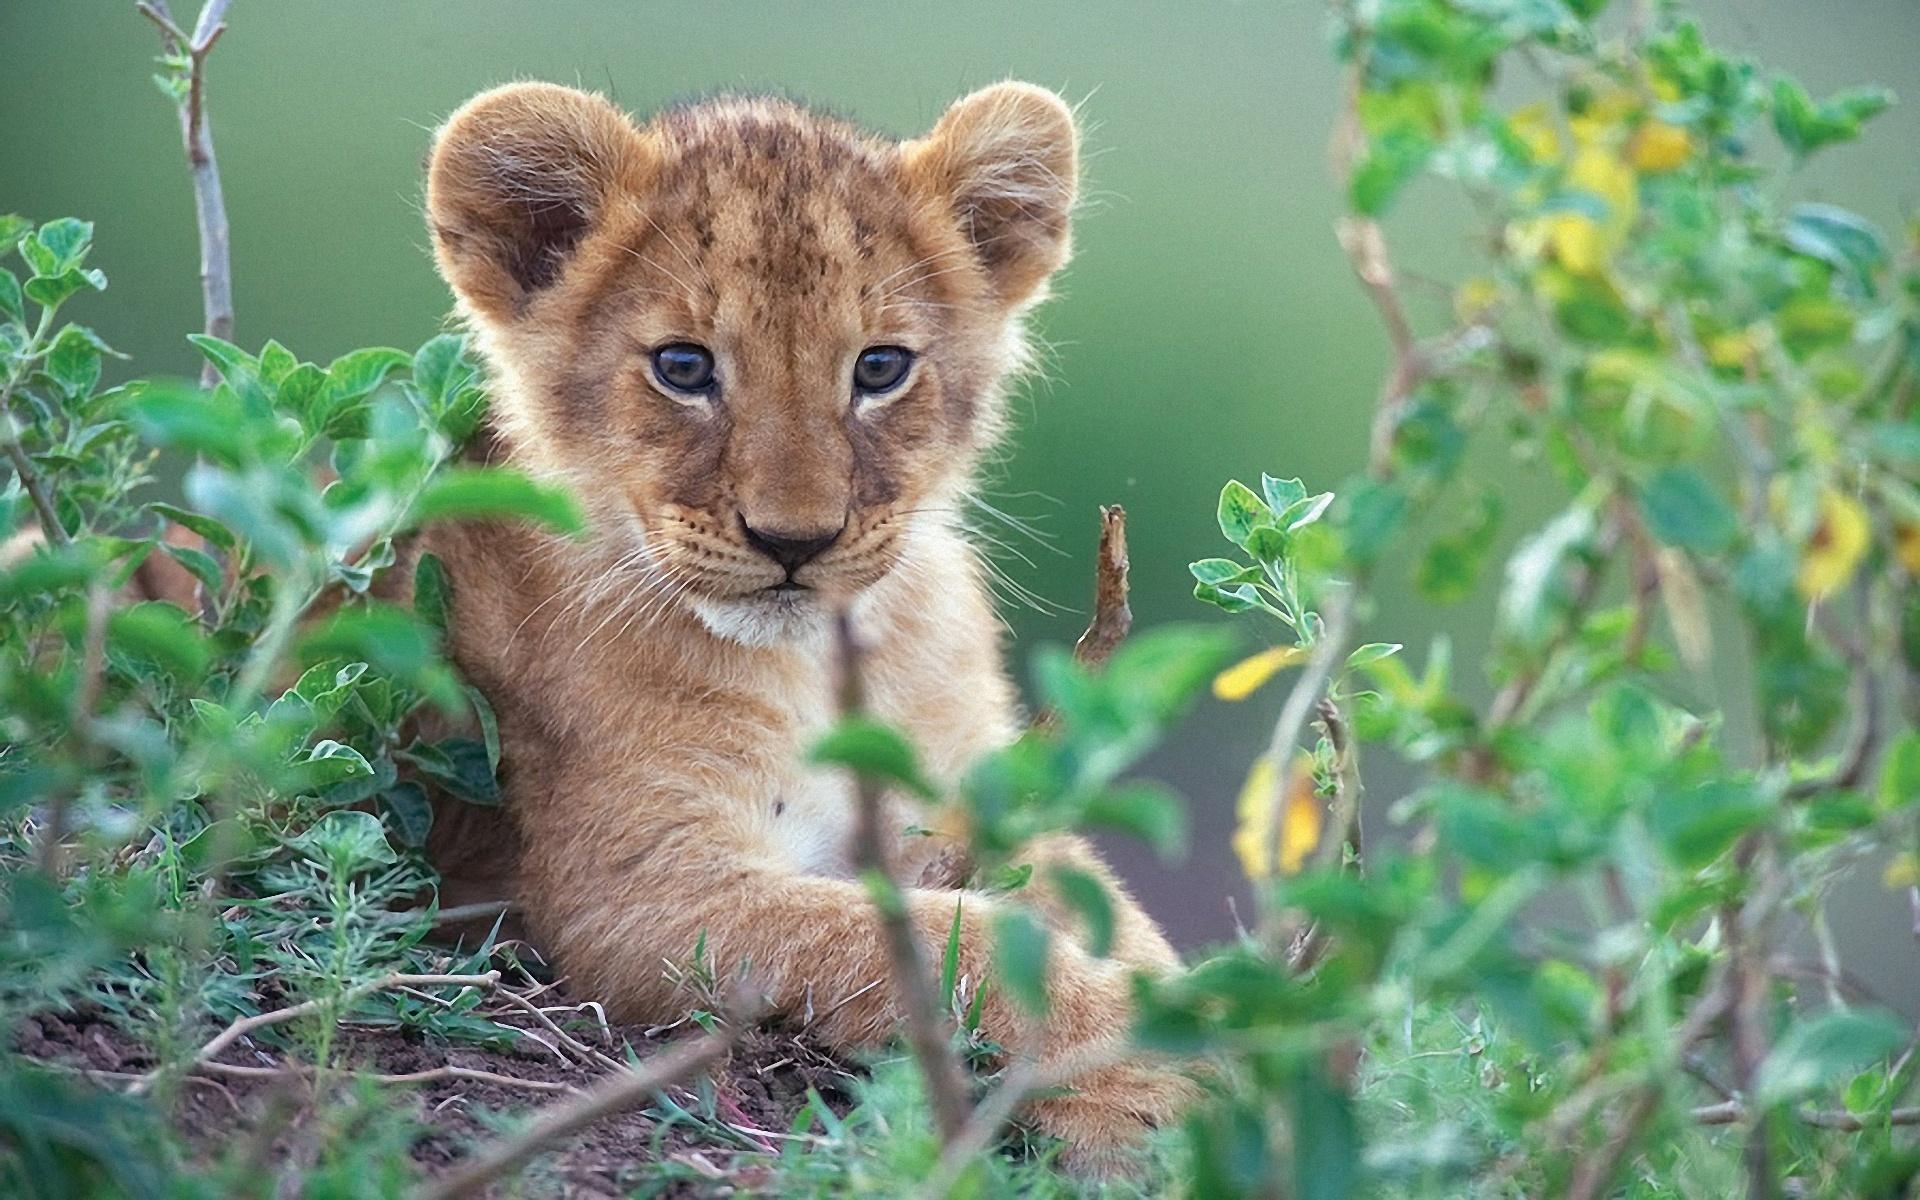 Fonds d 39 cran mignon petit lion dans les buissons verts 1920x1200 hd image - Felin de la savane ...